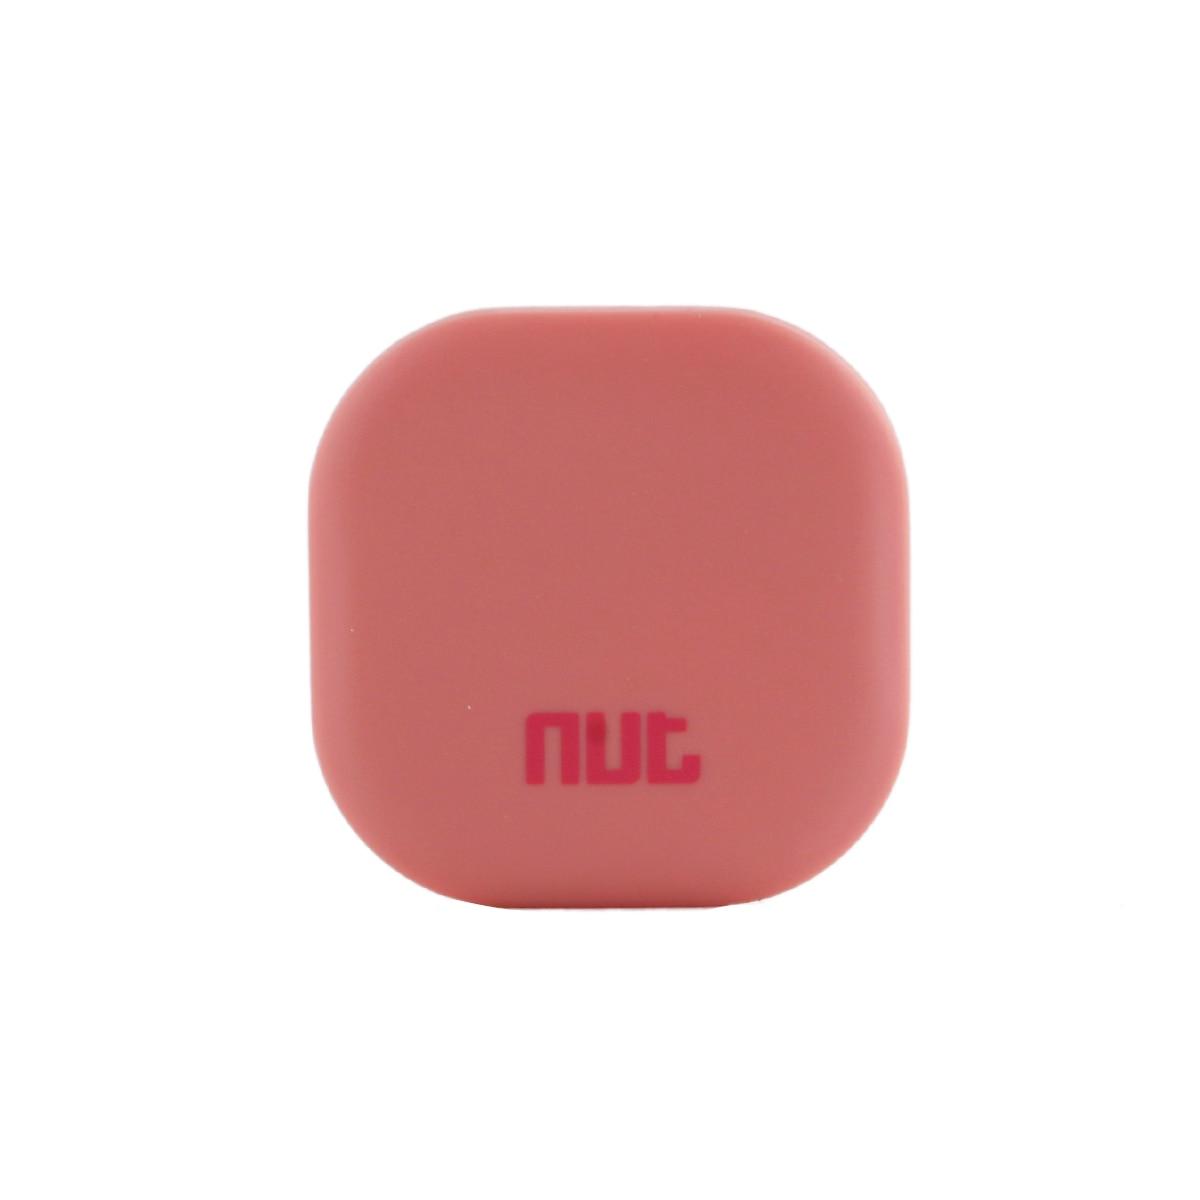 Mini, Key, Tracker, Finder, Nut, Locator